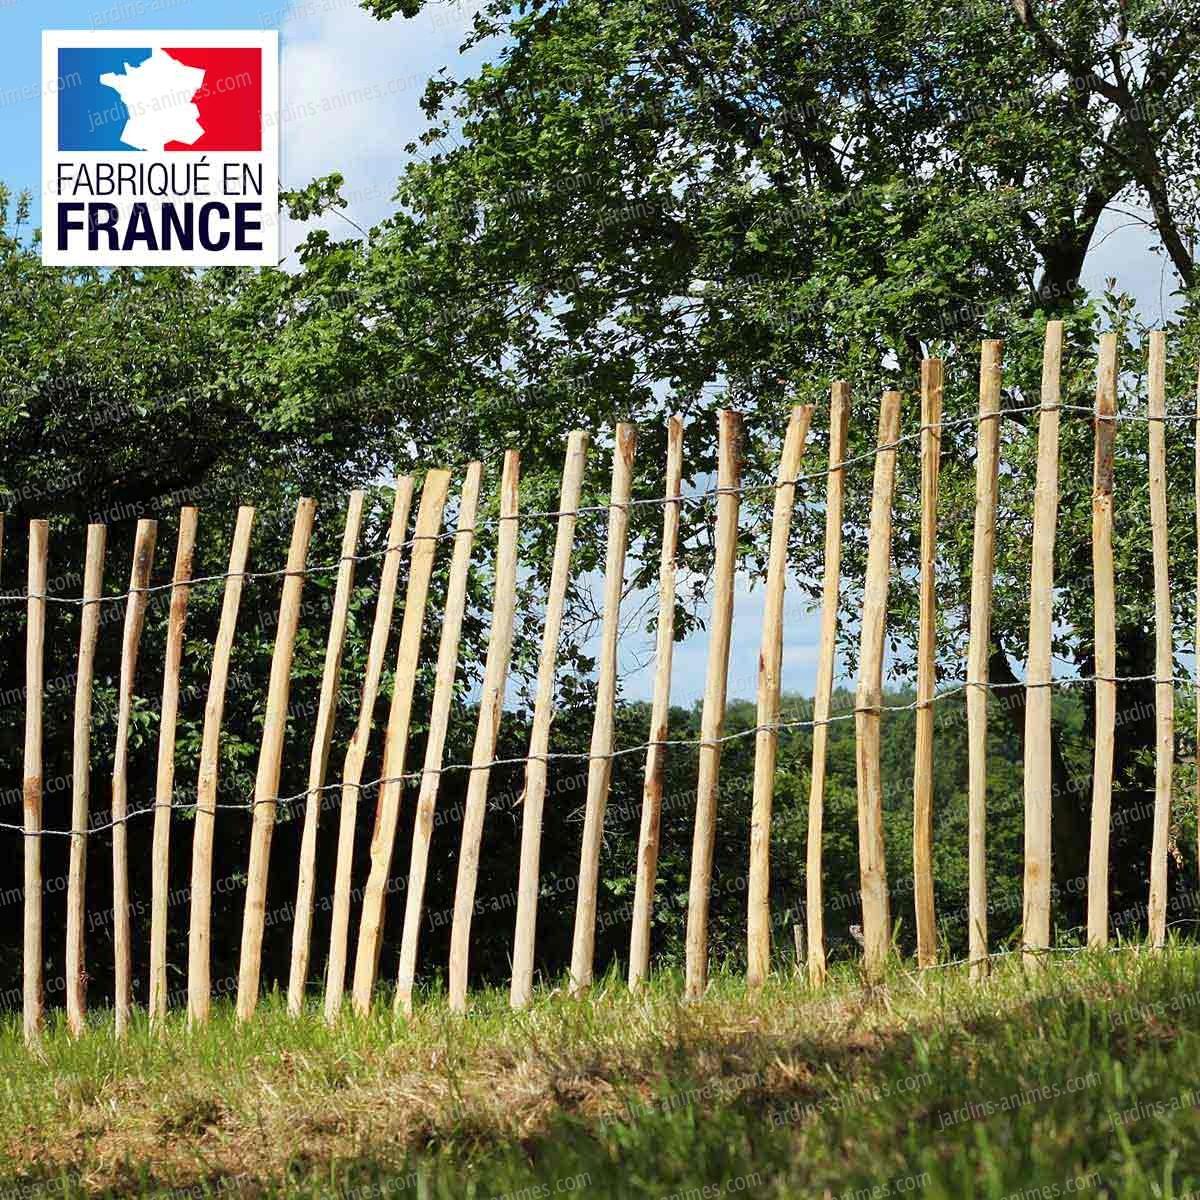 Ganivelle - Cloture En Châtaignier encequiconcerne Barriere Pour Cloture Jardin